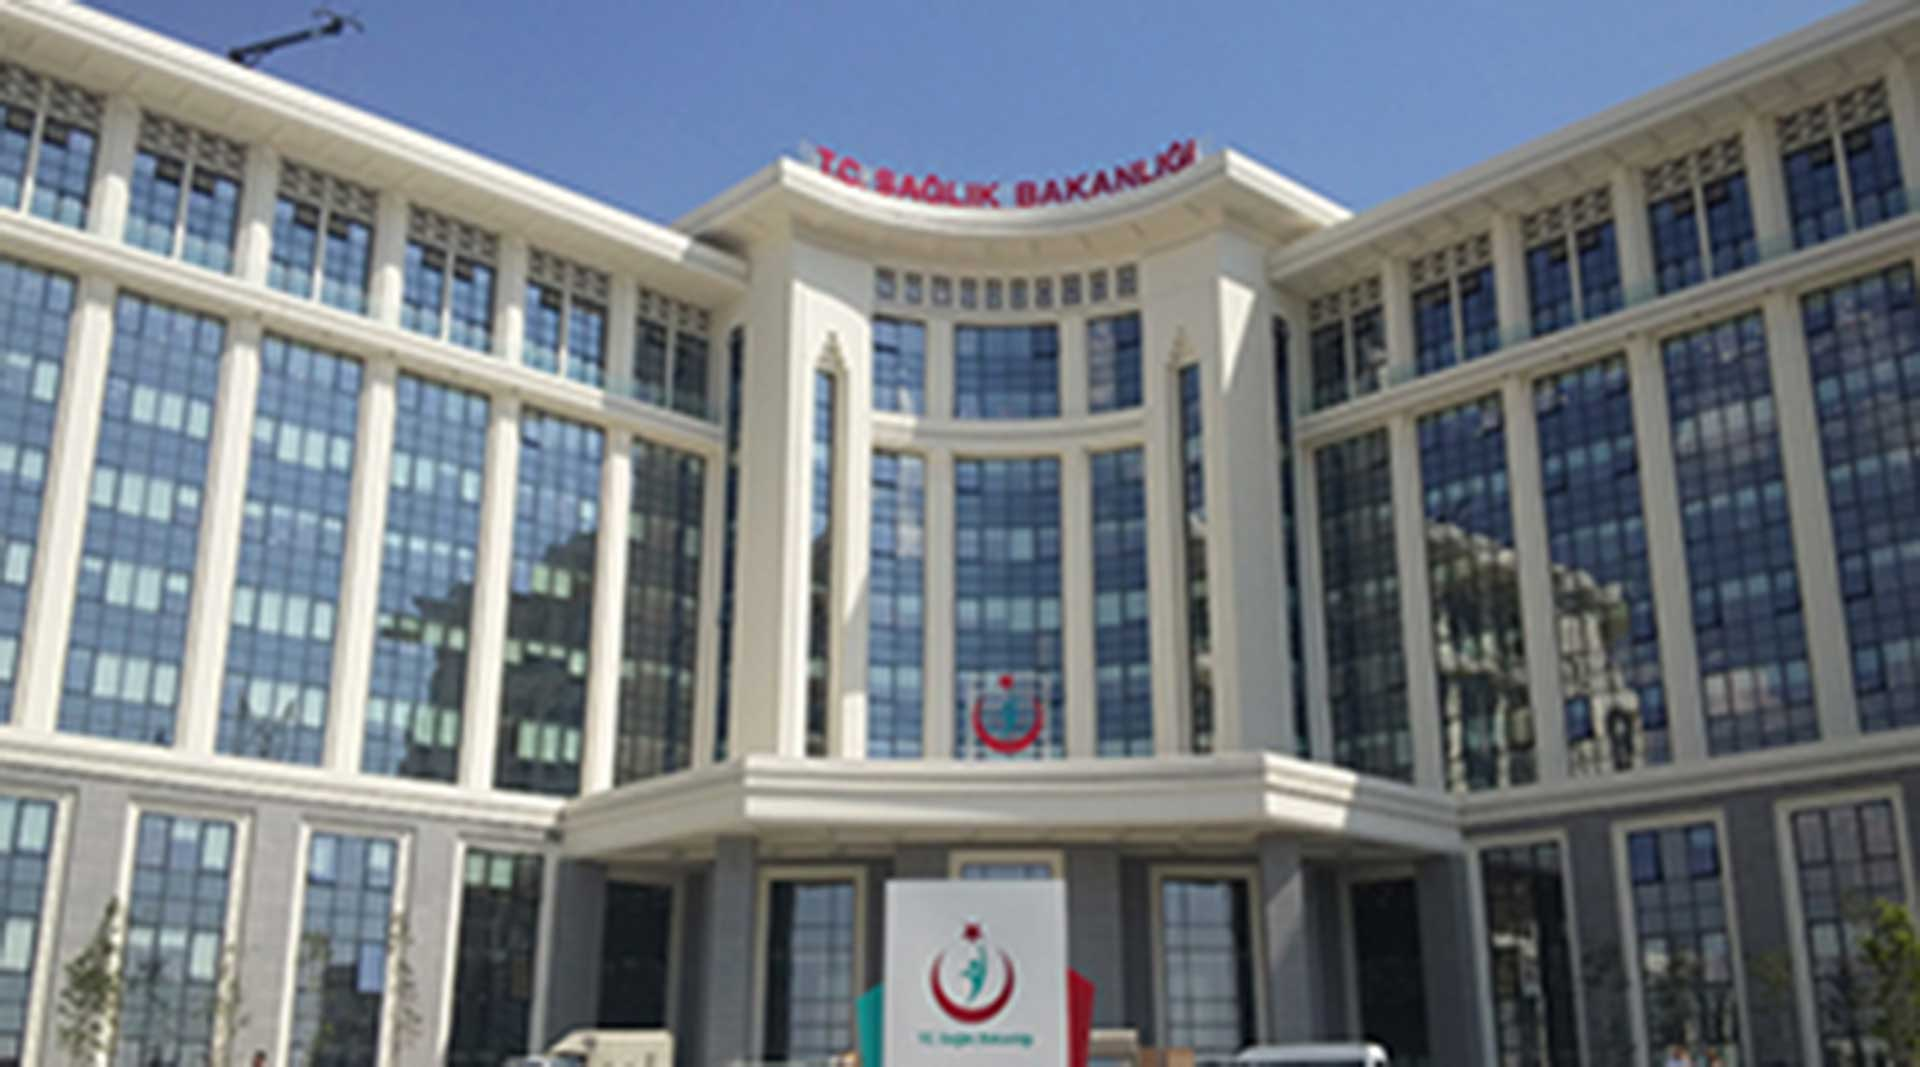 Sağlık Bakanlığı ile Bağlı Kuruluşlarının Döner Sermaye İşletmeleri Hakkında Yönetmelikte Değişiklik Yapılmasına Dair Yönetmelik